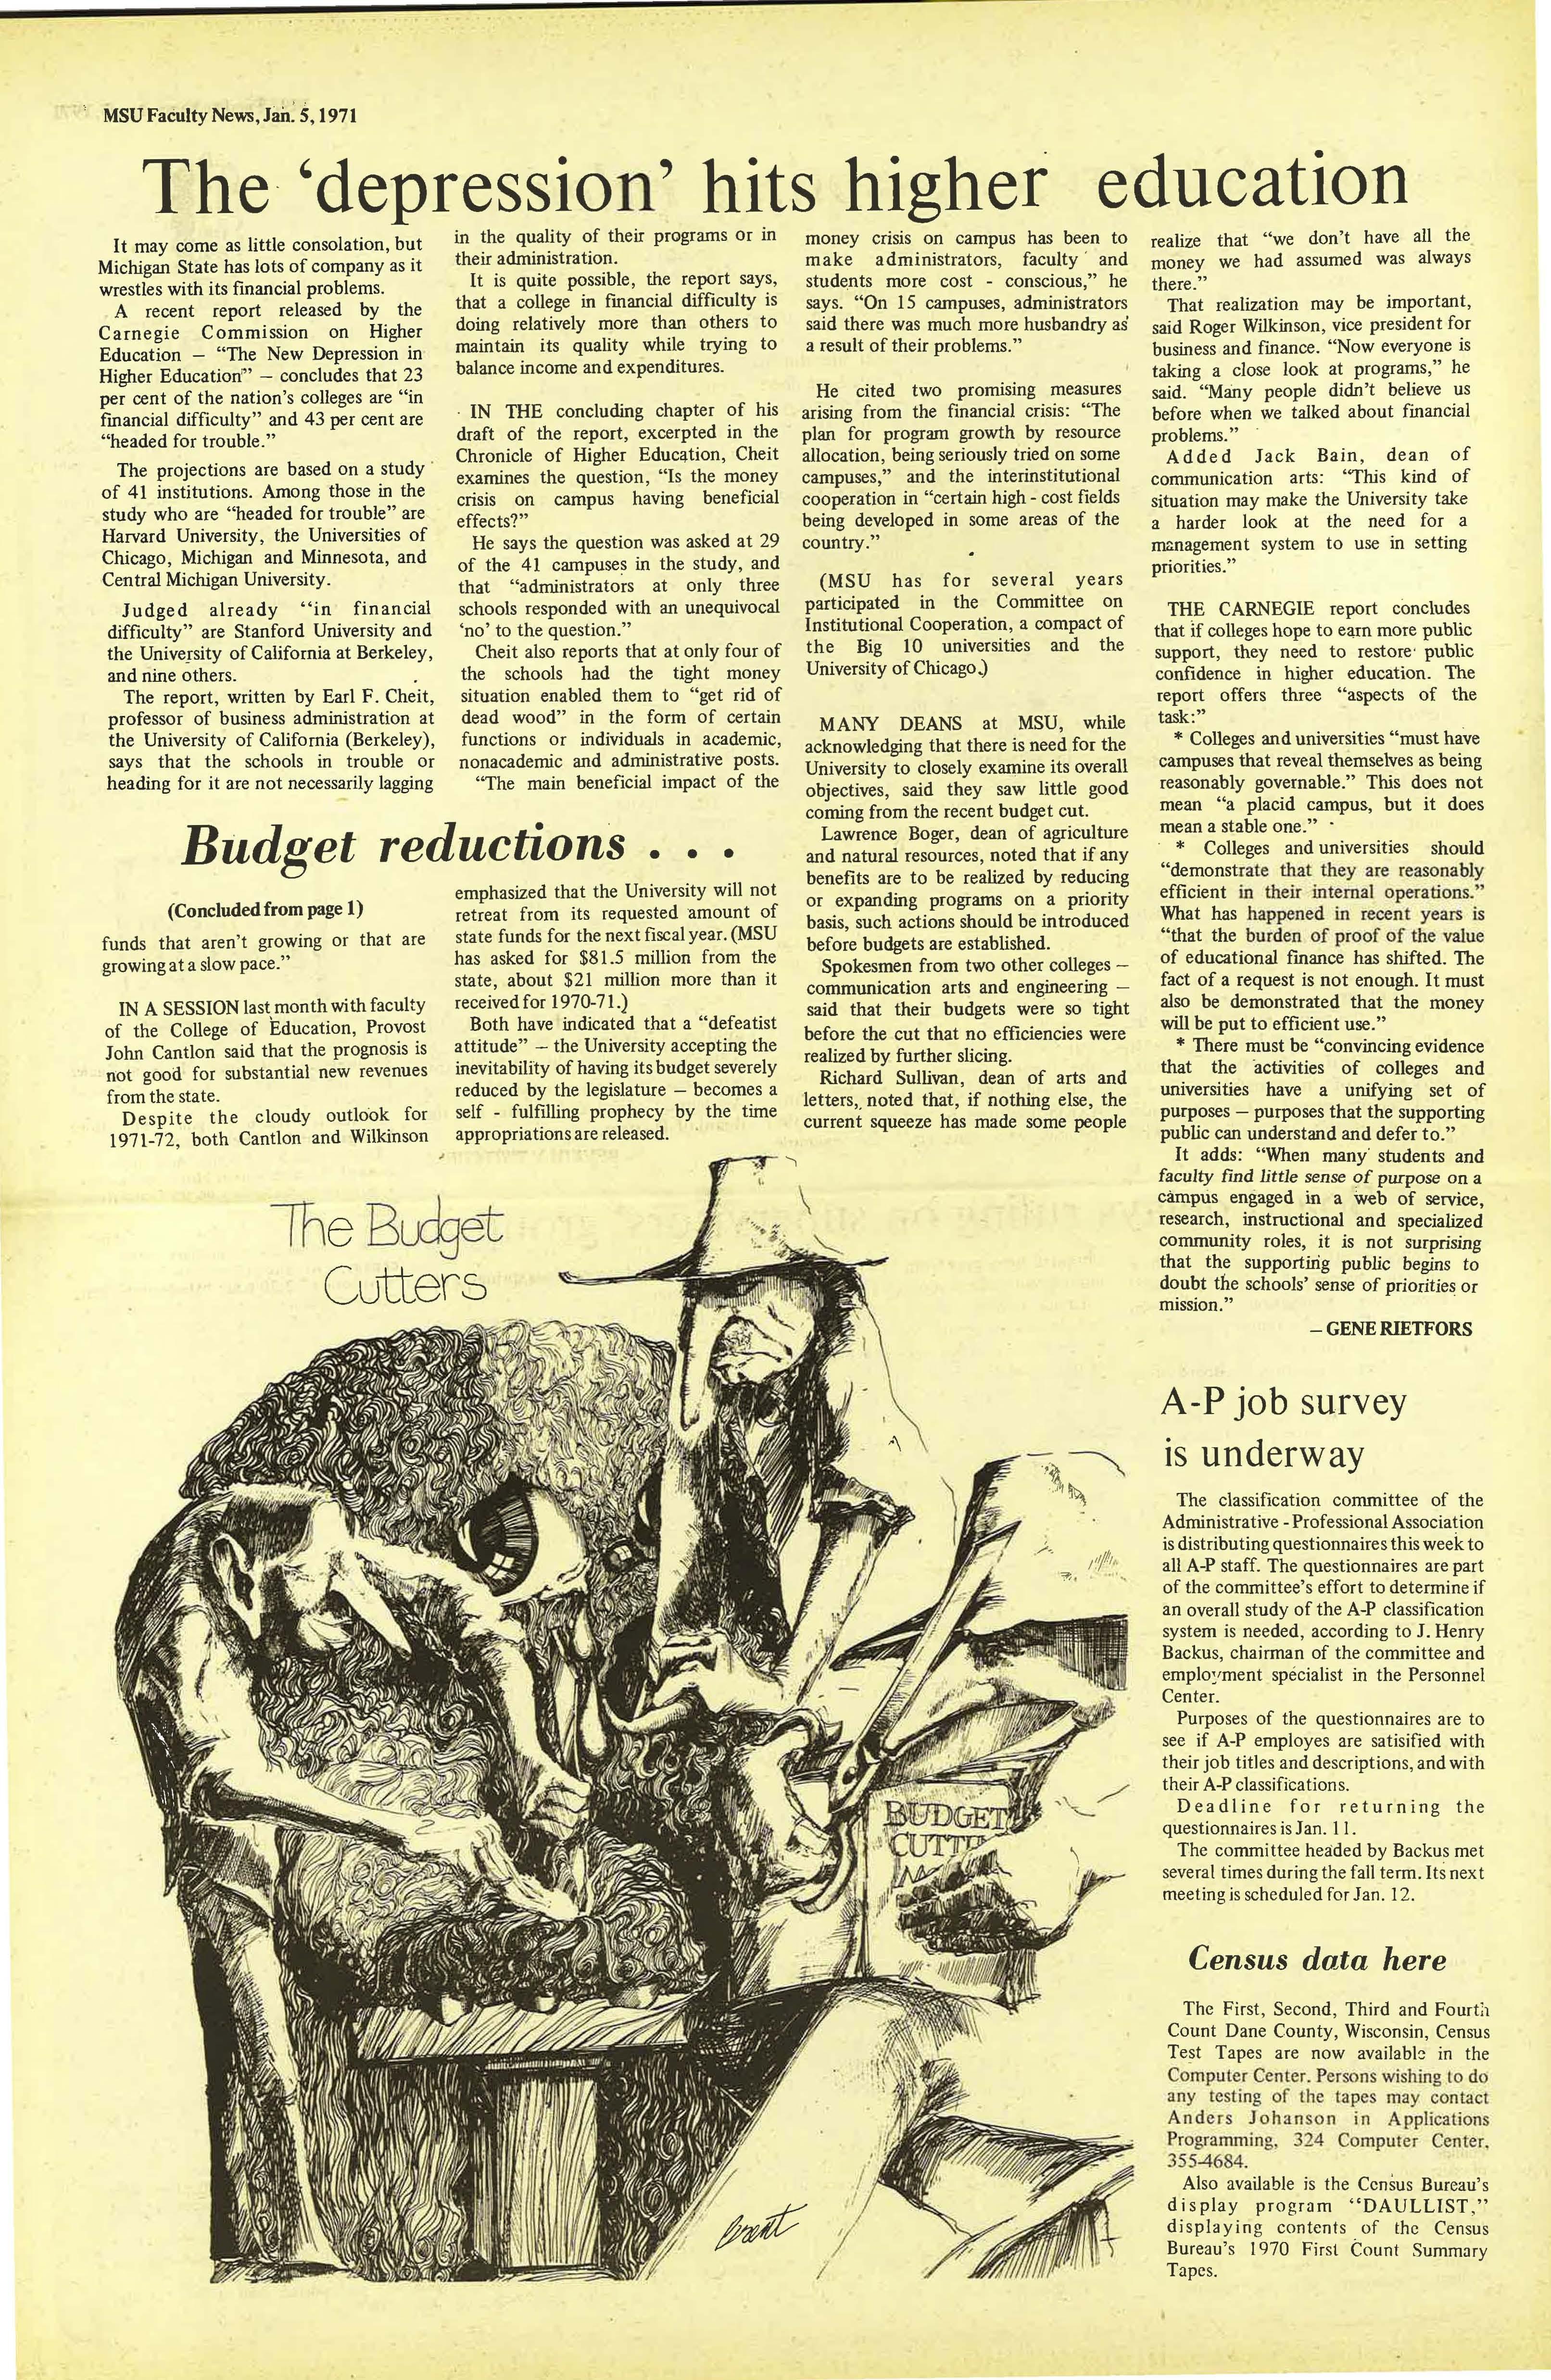 MSU News Bulletin, vol. 2, No. 30, June 4, 1971